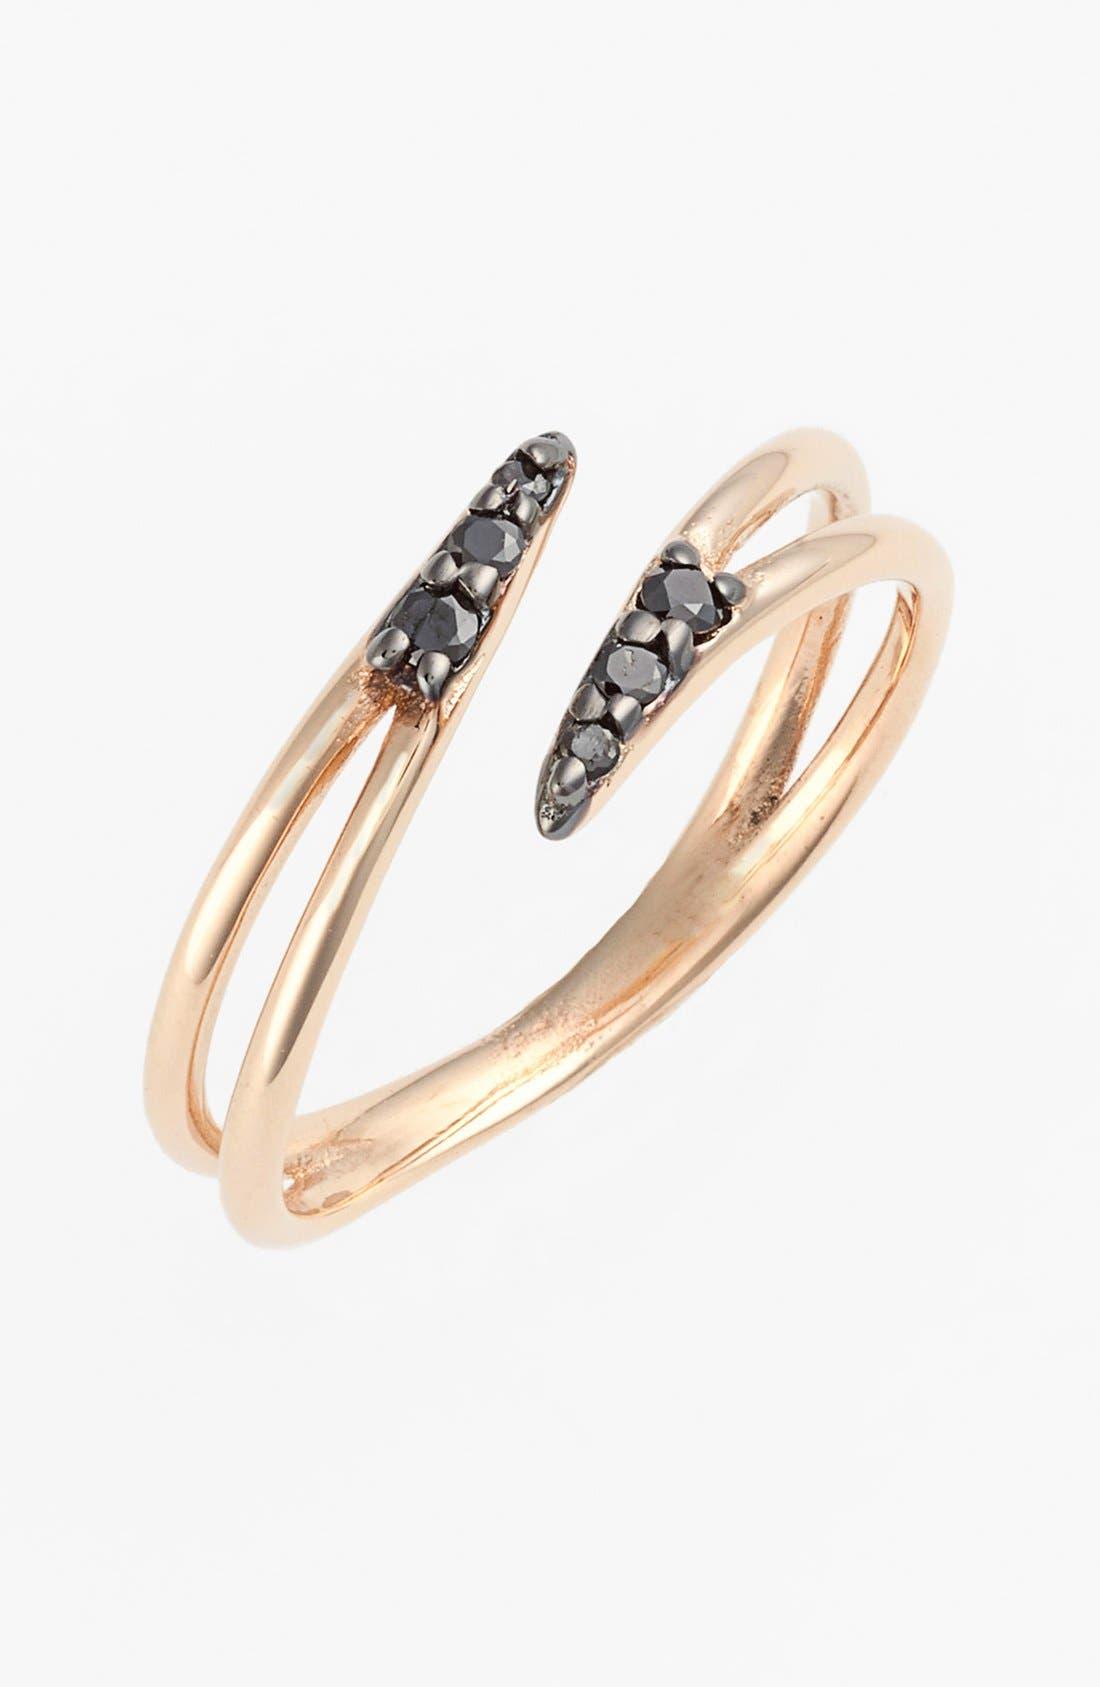 Alternate Image 1 Selected - kismet by milka 'Lumiere' Diamond Midi Ring